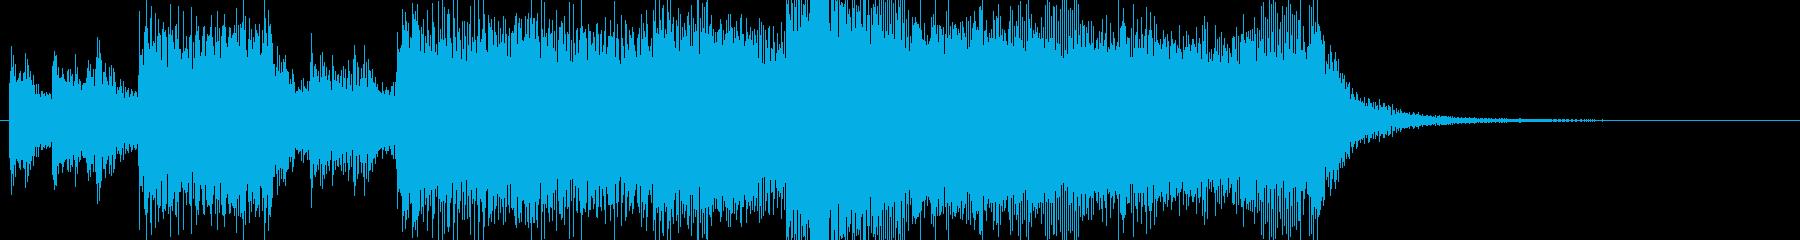 表彰オーケストラファンファーレBGMの再生済みの波形